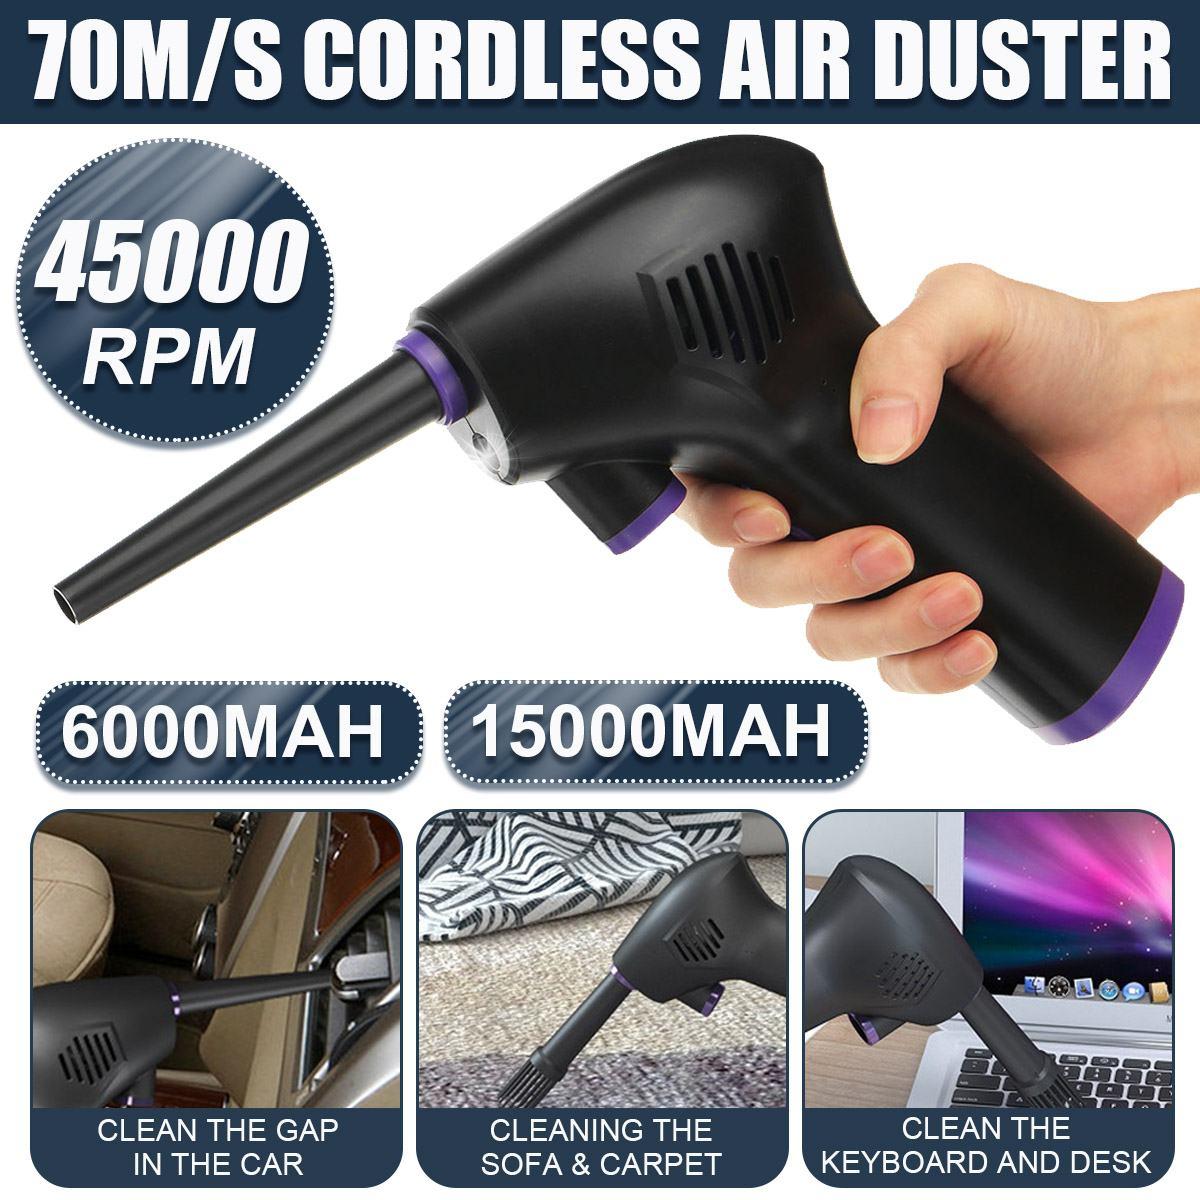 45000 RPM akülü hava silgi basınçlı hava üfleyici temizleme aracı bilgisayar dizüstü klavye elektronik temizlik kamera için